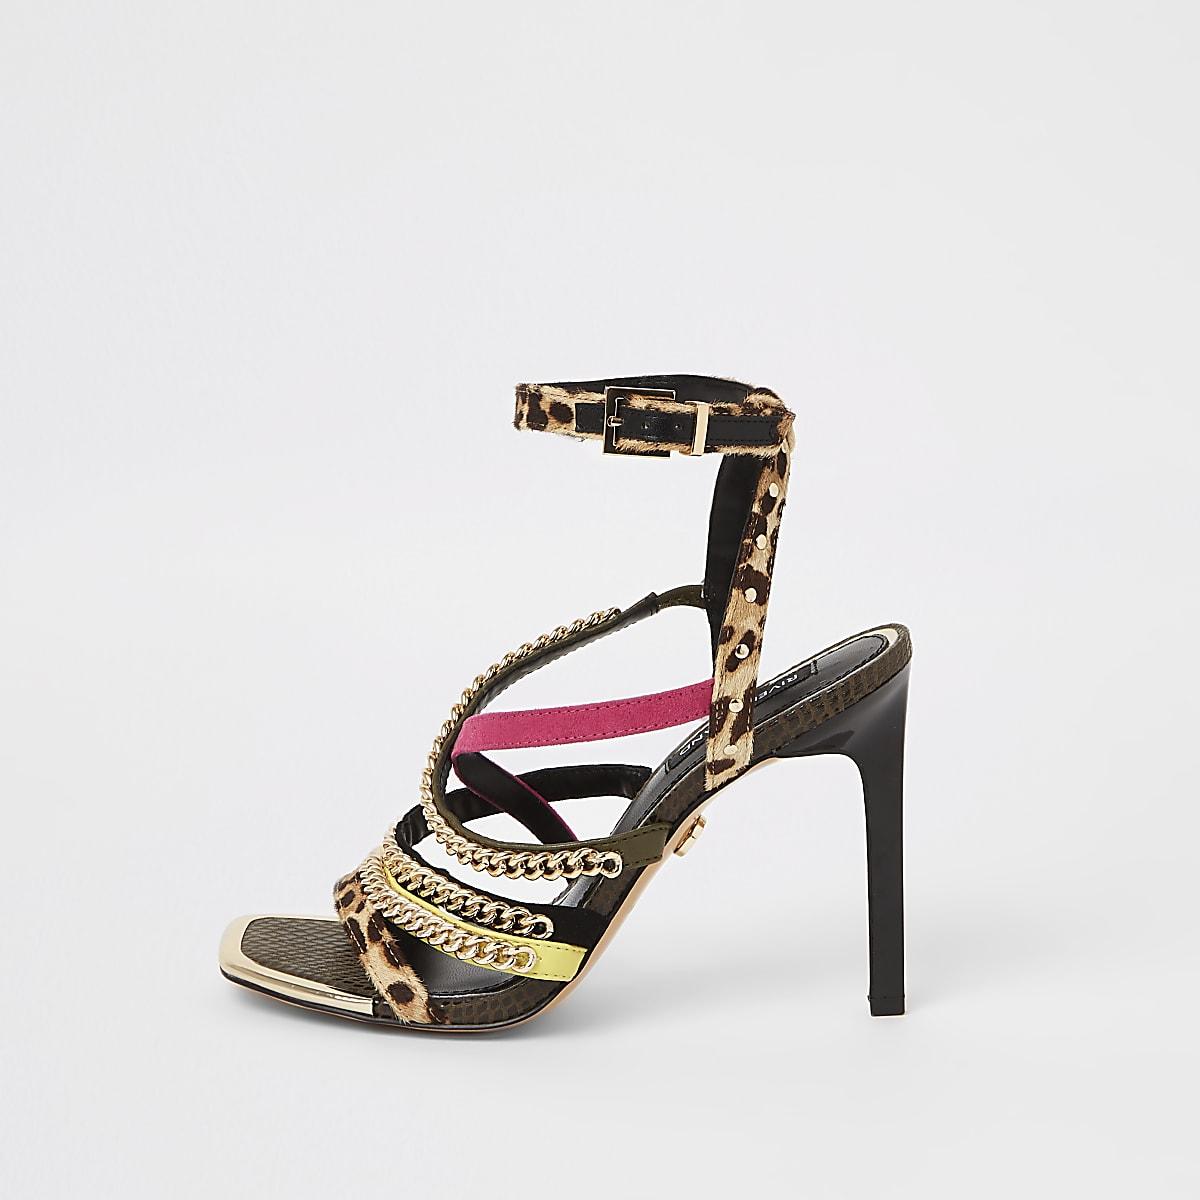 15c03413cfb0 Brown leopard print chain strap heel sandal - Sandals - Shoes & Boots -  women